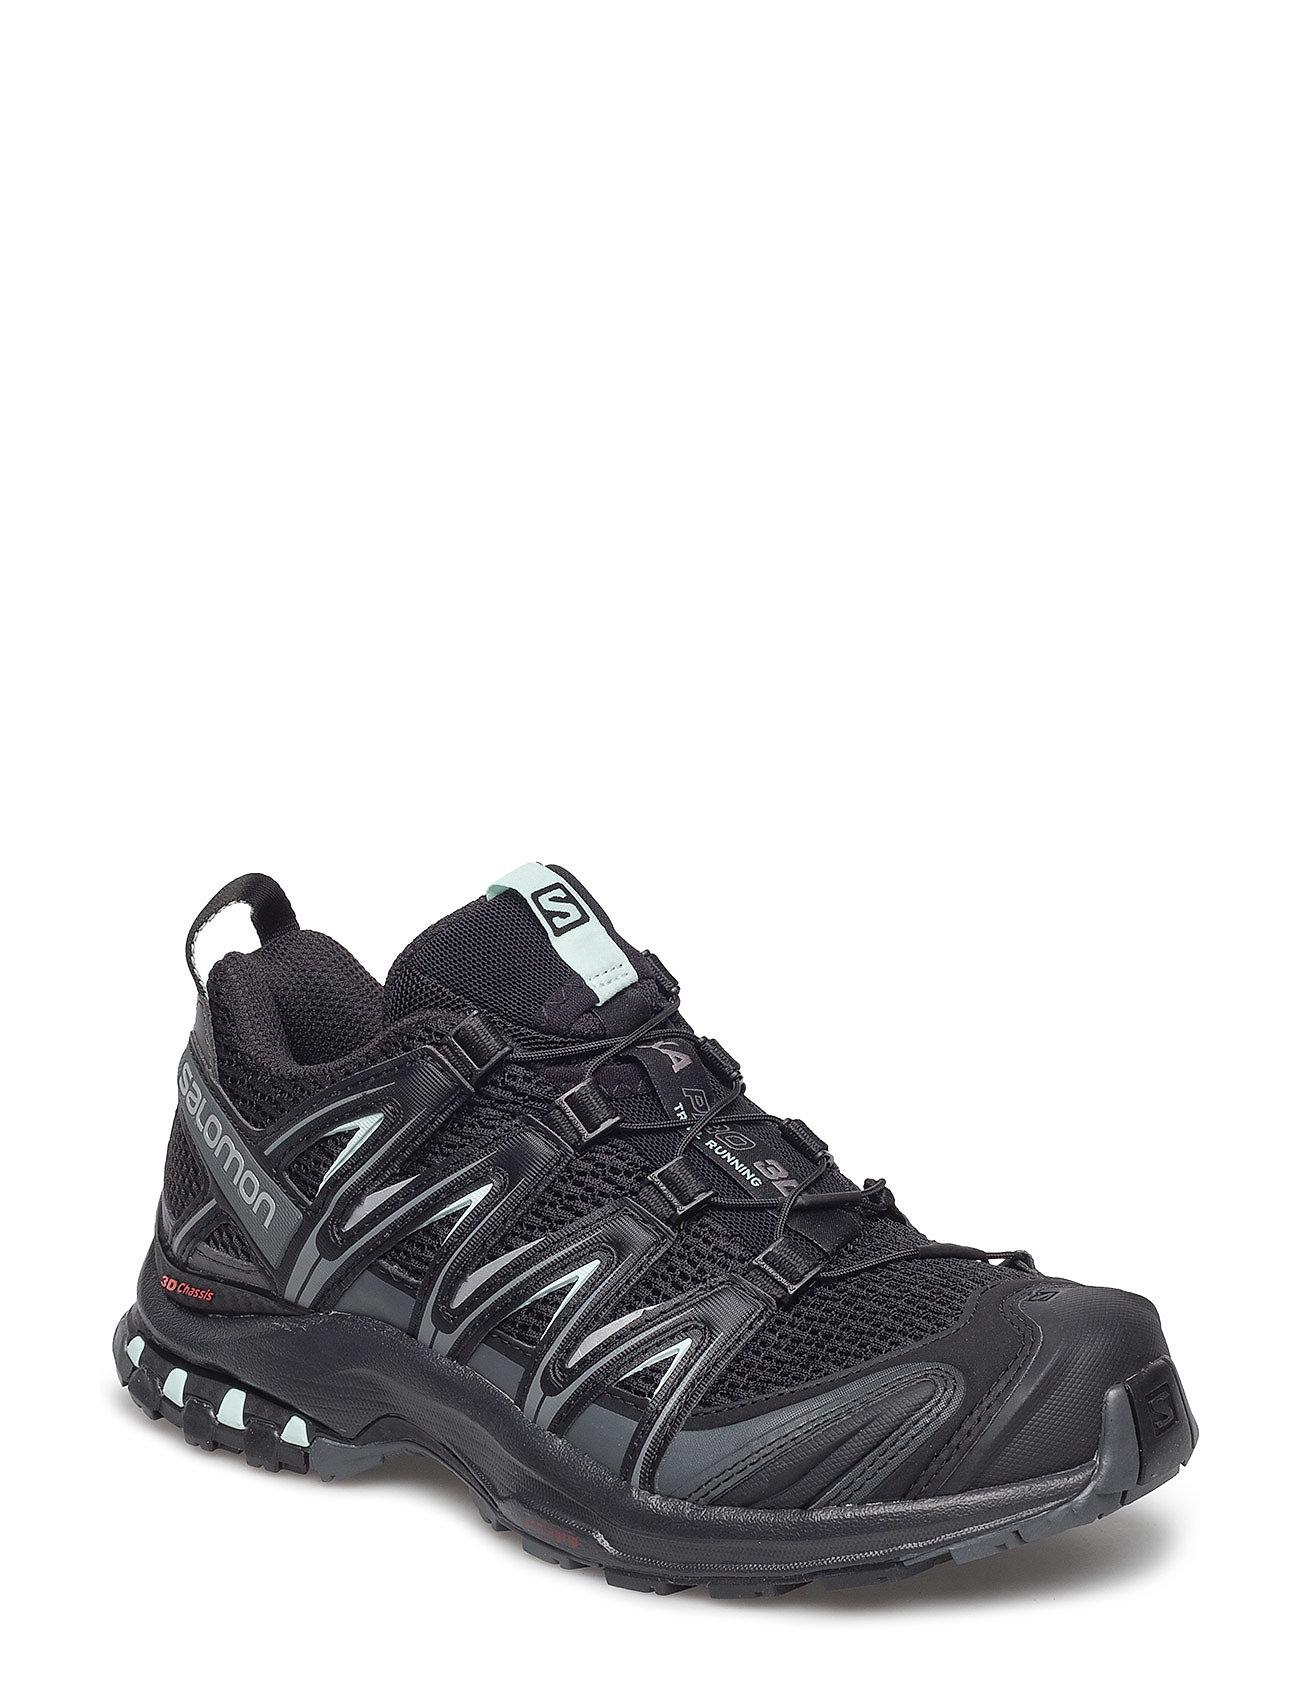 99e566b97c2d Xa Pro 3d W (Black magnet fair Aqua) (£96.60) - Salomon -